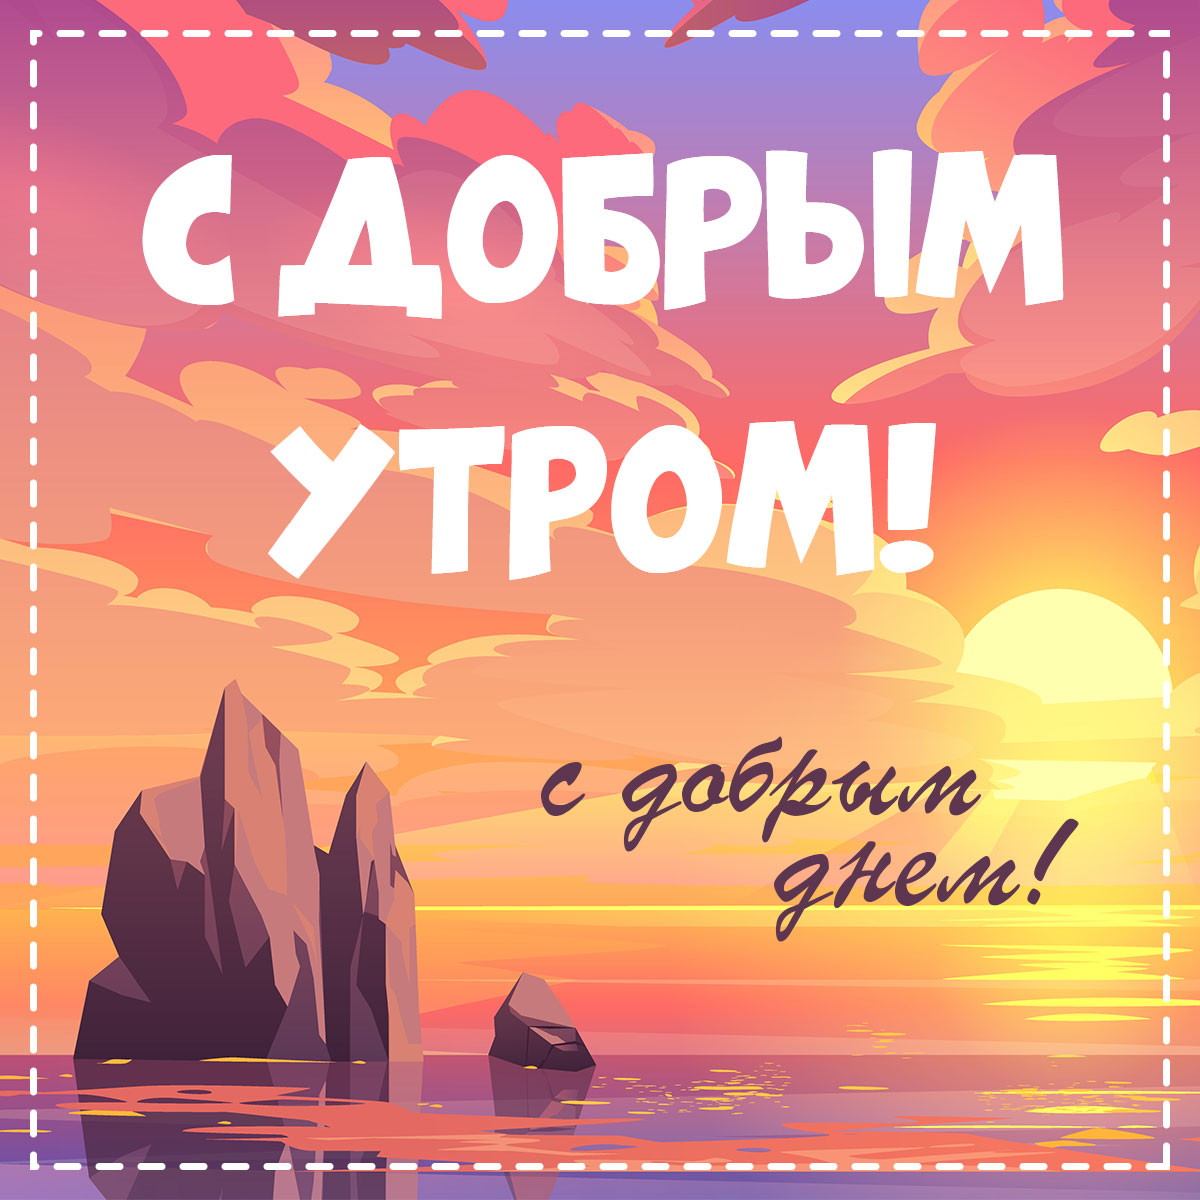 Картинка с надписью с добрым утром с добрым днем на фоне красного утреннего неба над морем с каменным утёсом.